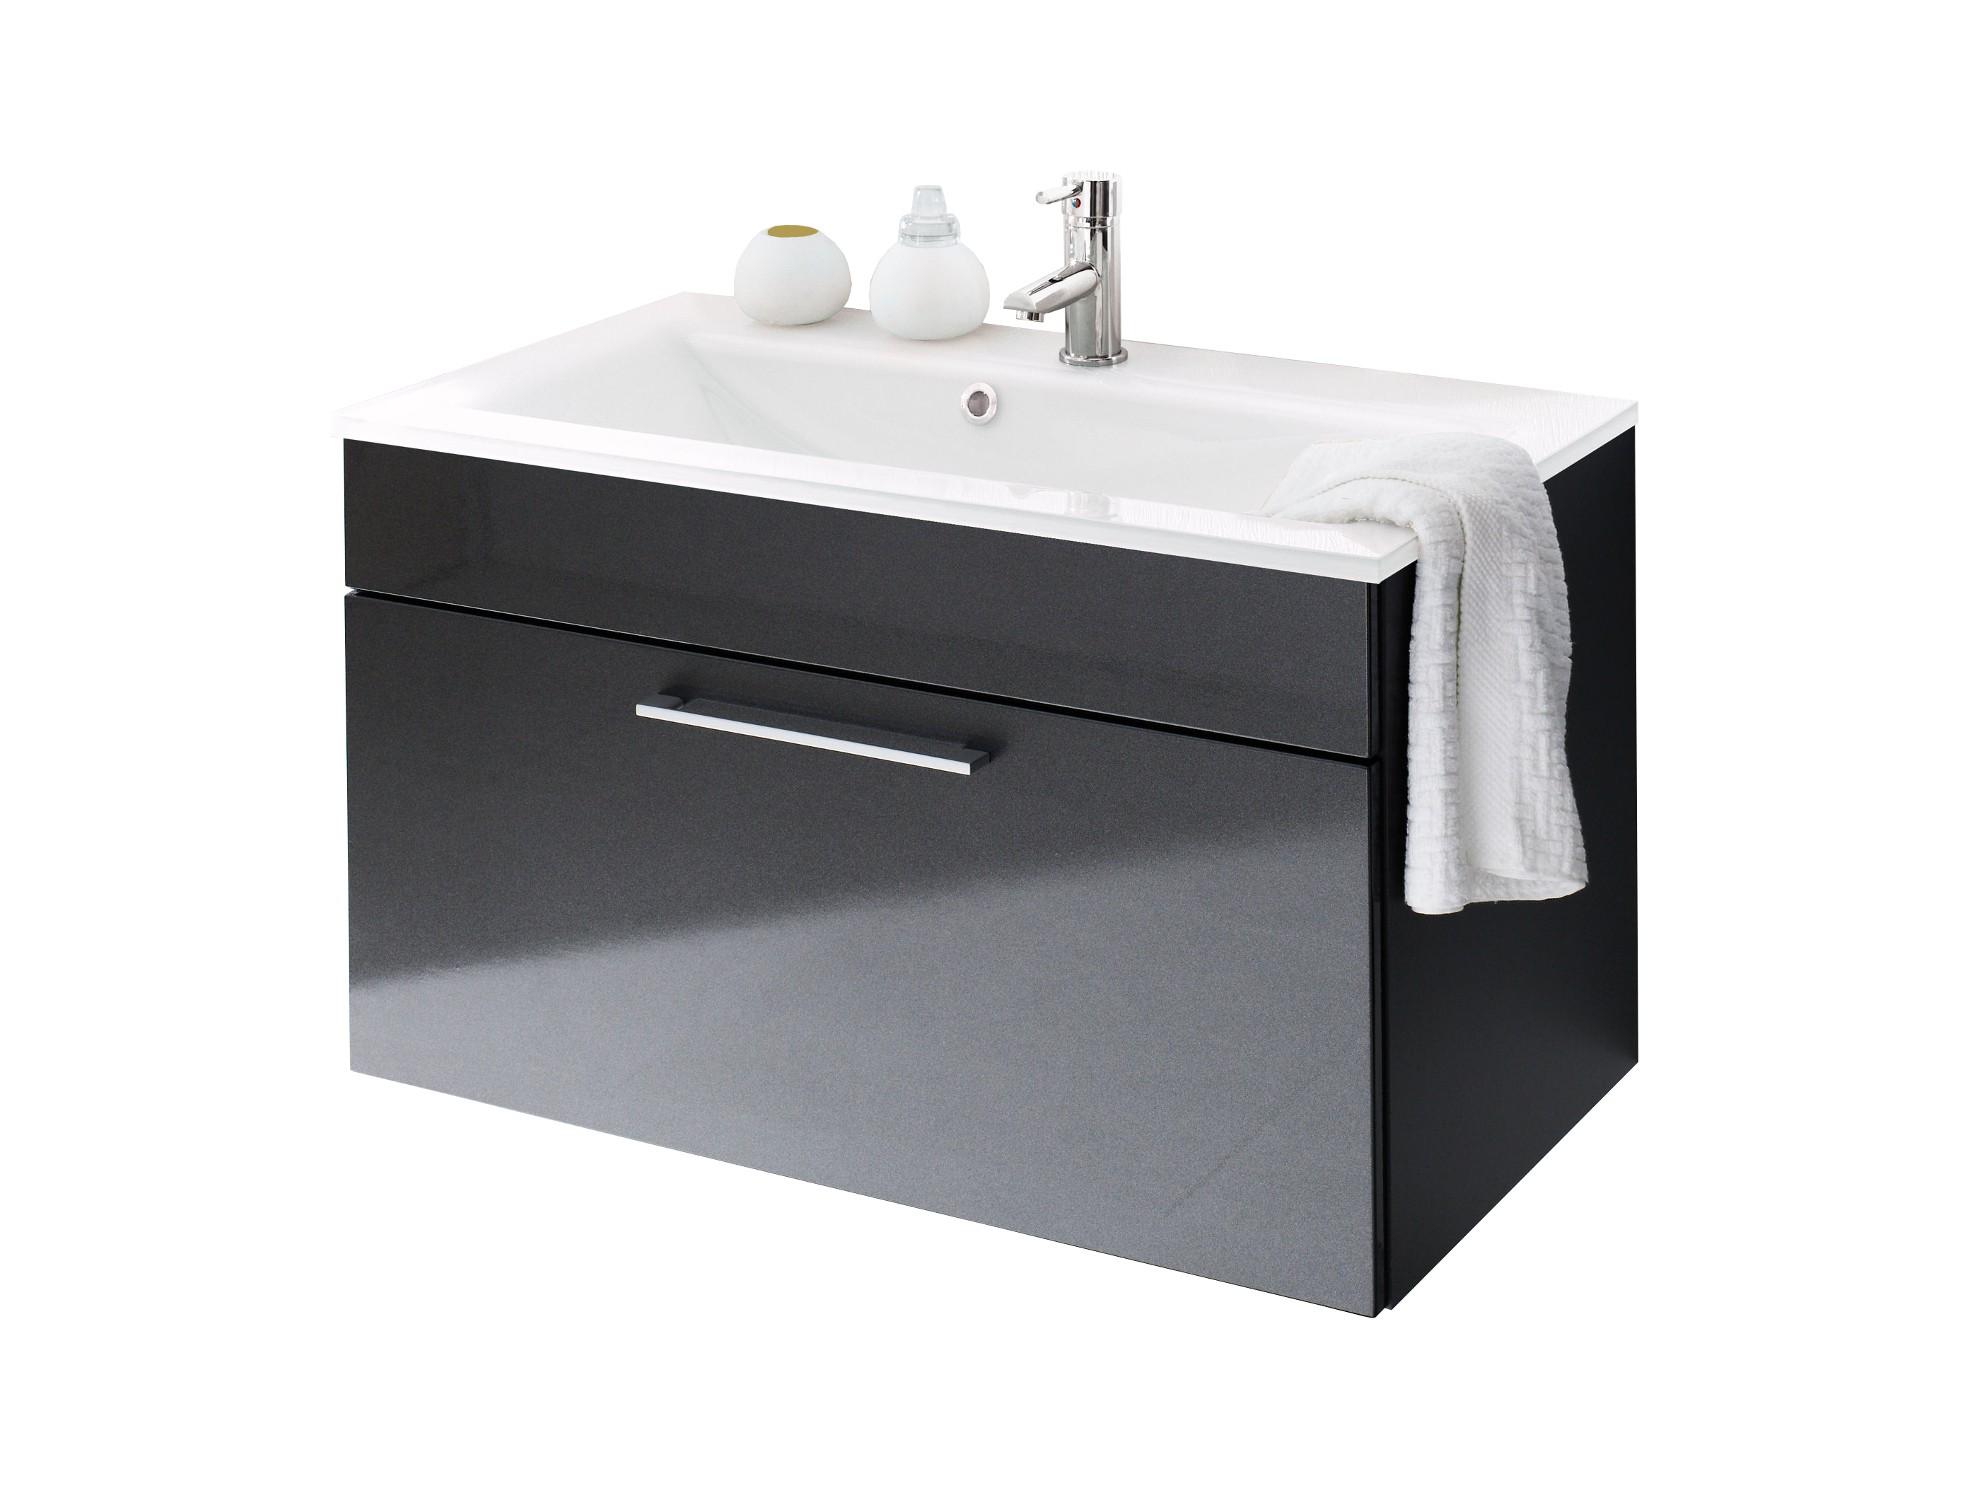 bad waschtisch hera mit mineralgussbecken 90 cm breit hochglanz anthrazit bad hera. Black Bedroom Furniture Sets. Home Design Ideas